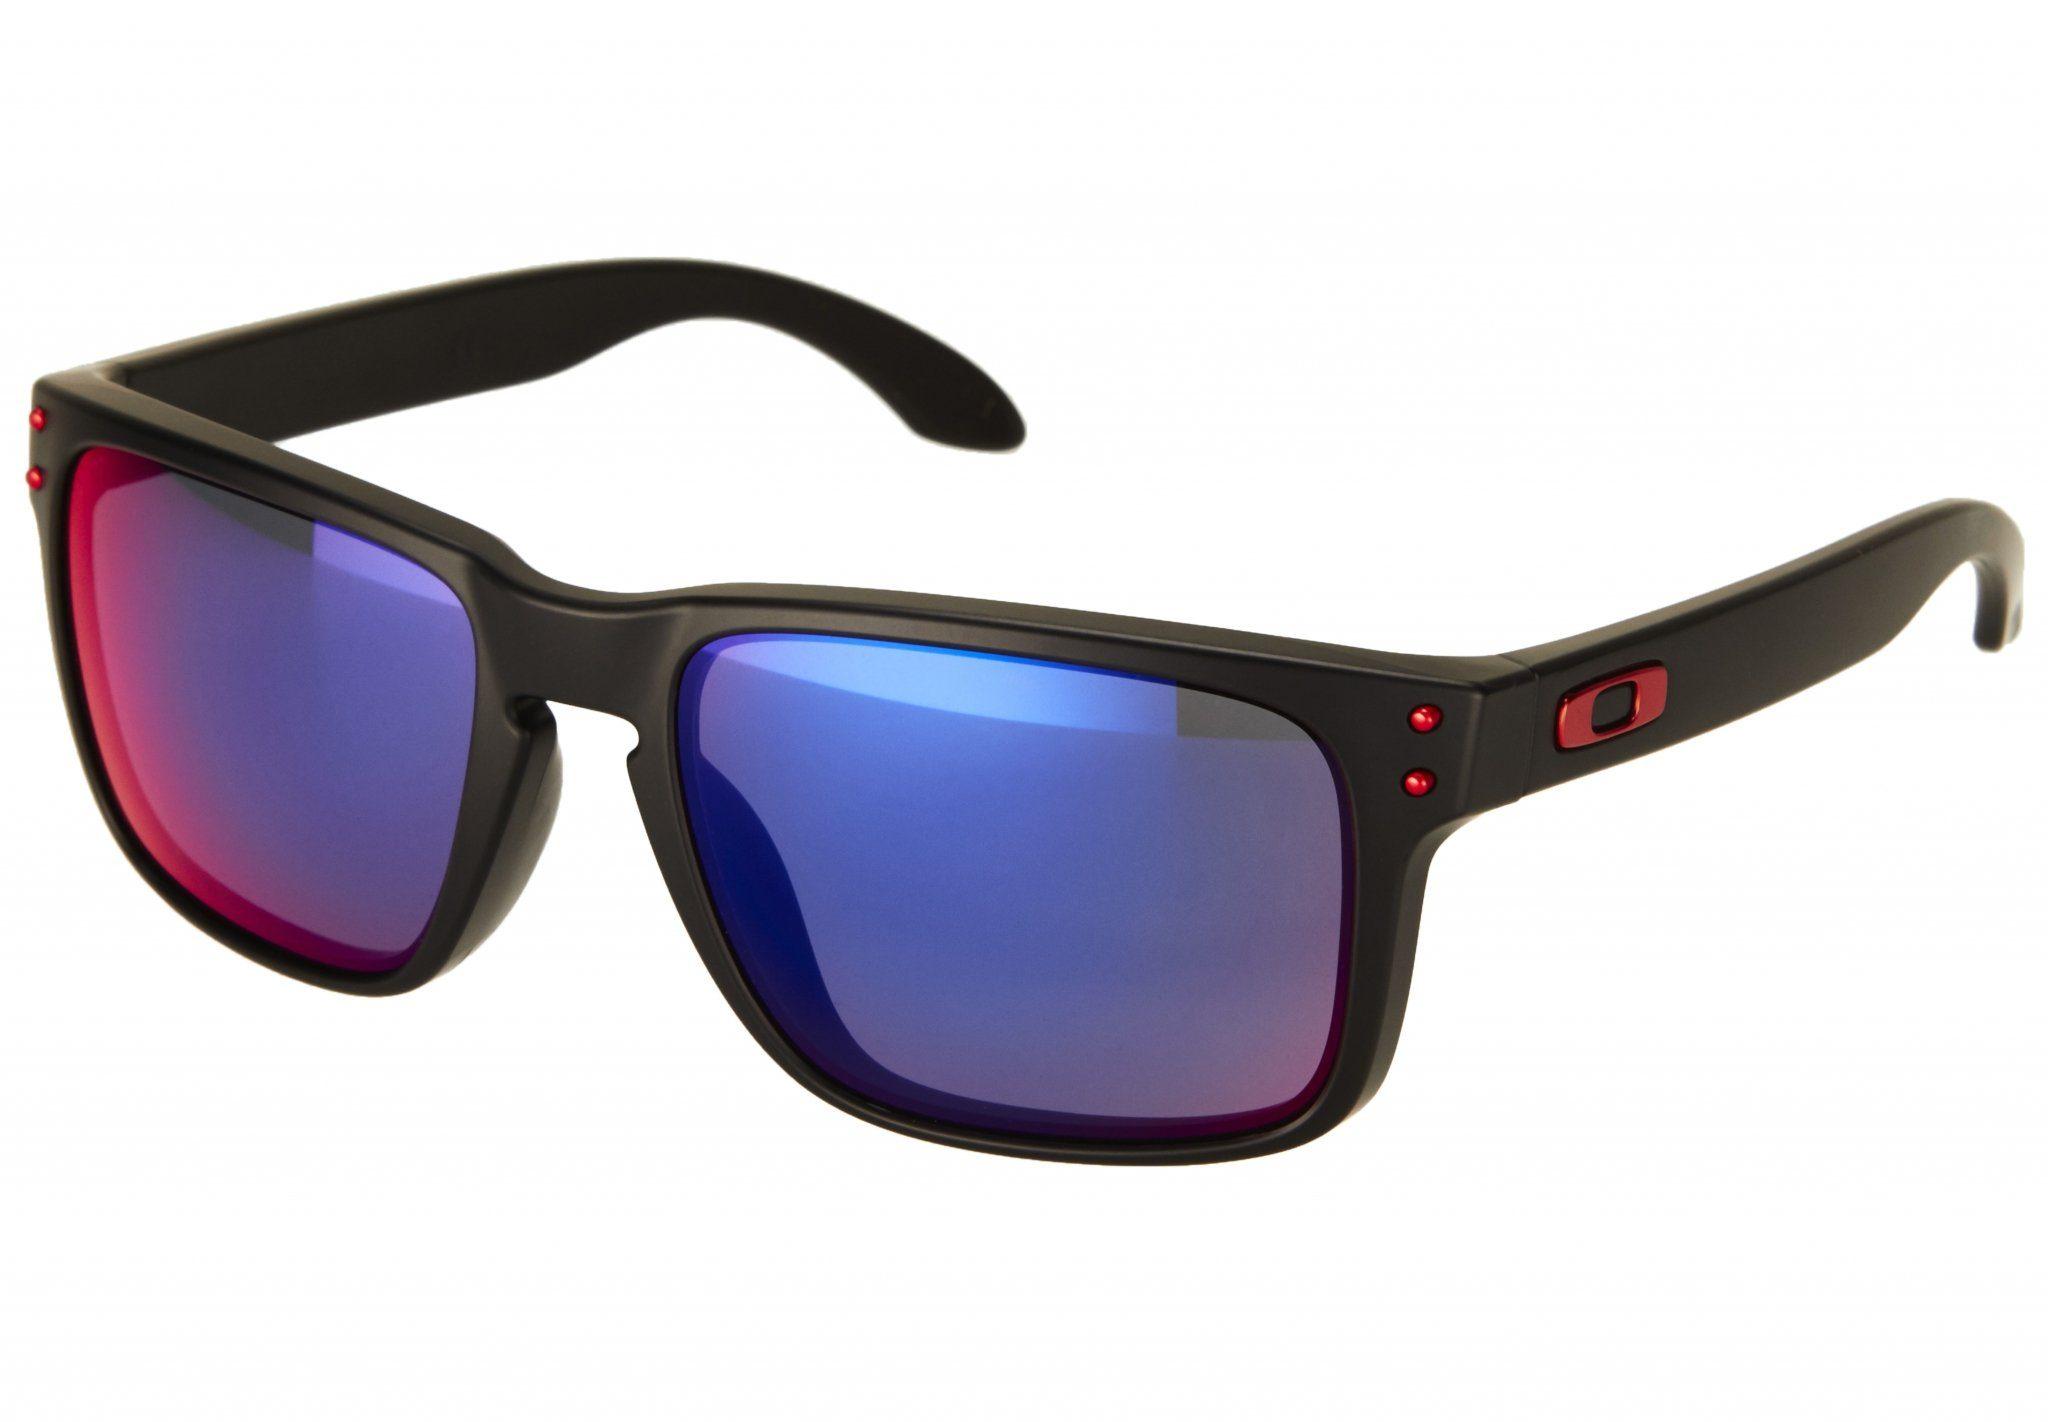 Oakley Radsportbrille »Holston Sunglasses«, schwarz, schwarz